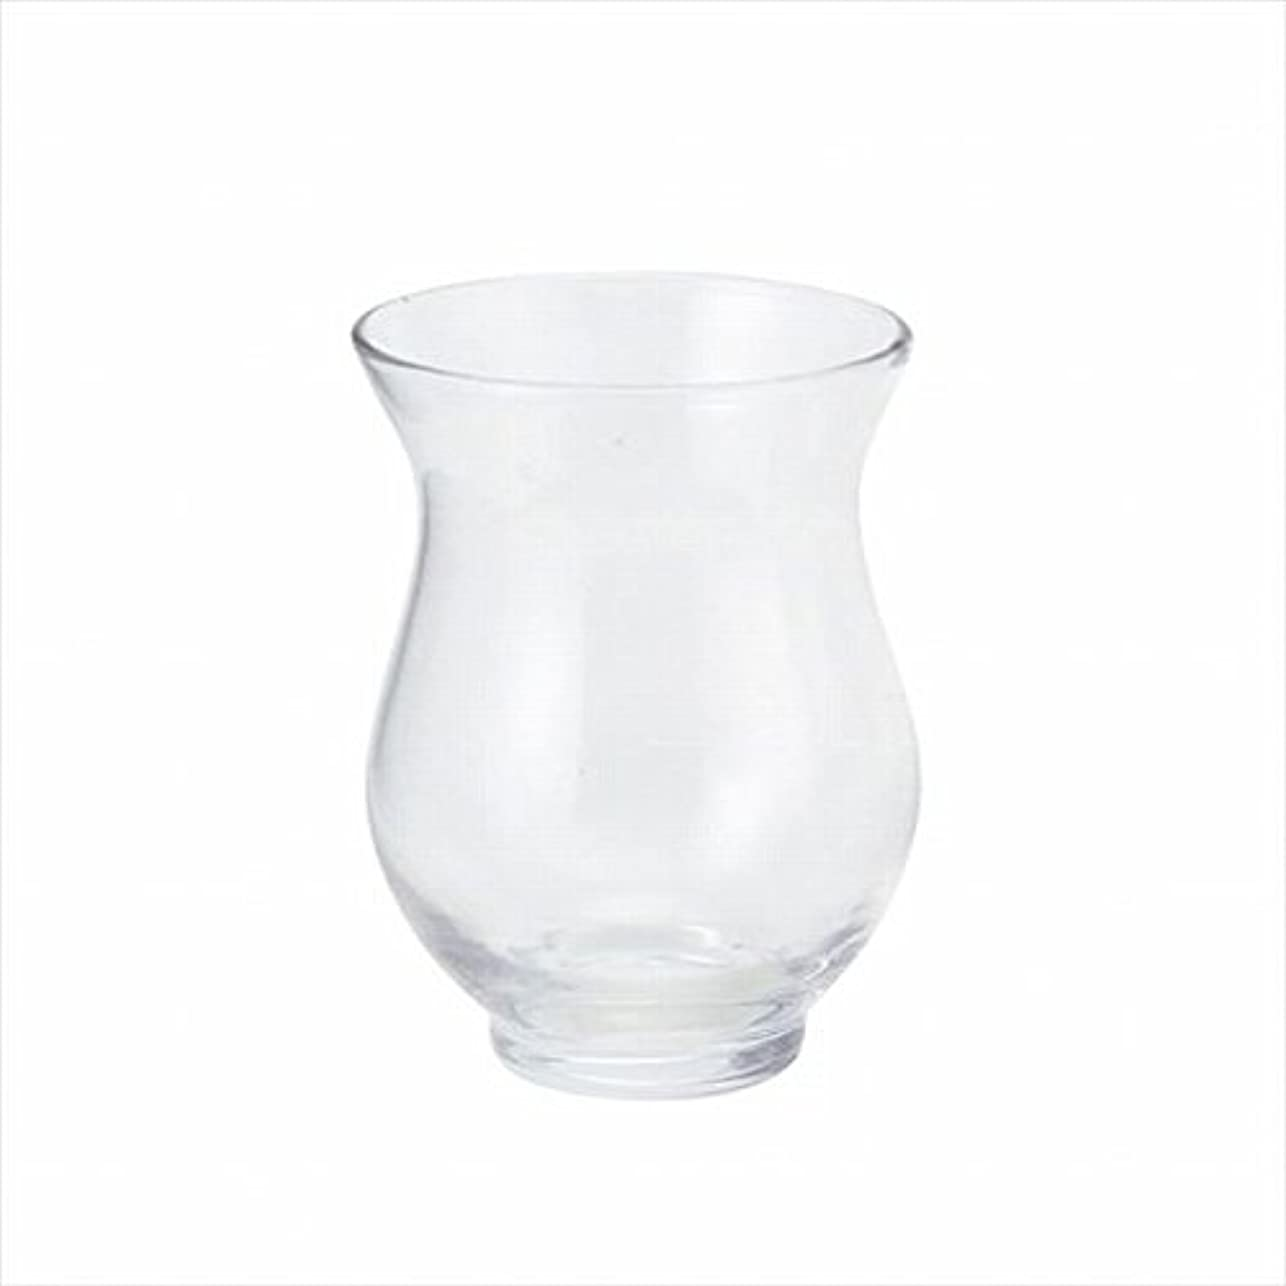 蒸気鳴り響く四分円kameyama candle(カメヤマキャンドル) ウィンドライトエレガンスS キャンドル 75x75x100mm (D3825023)